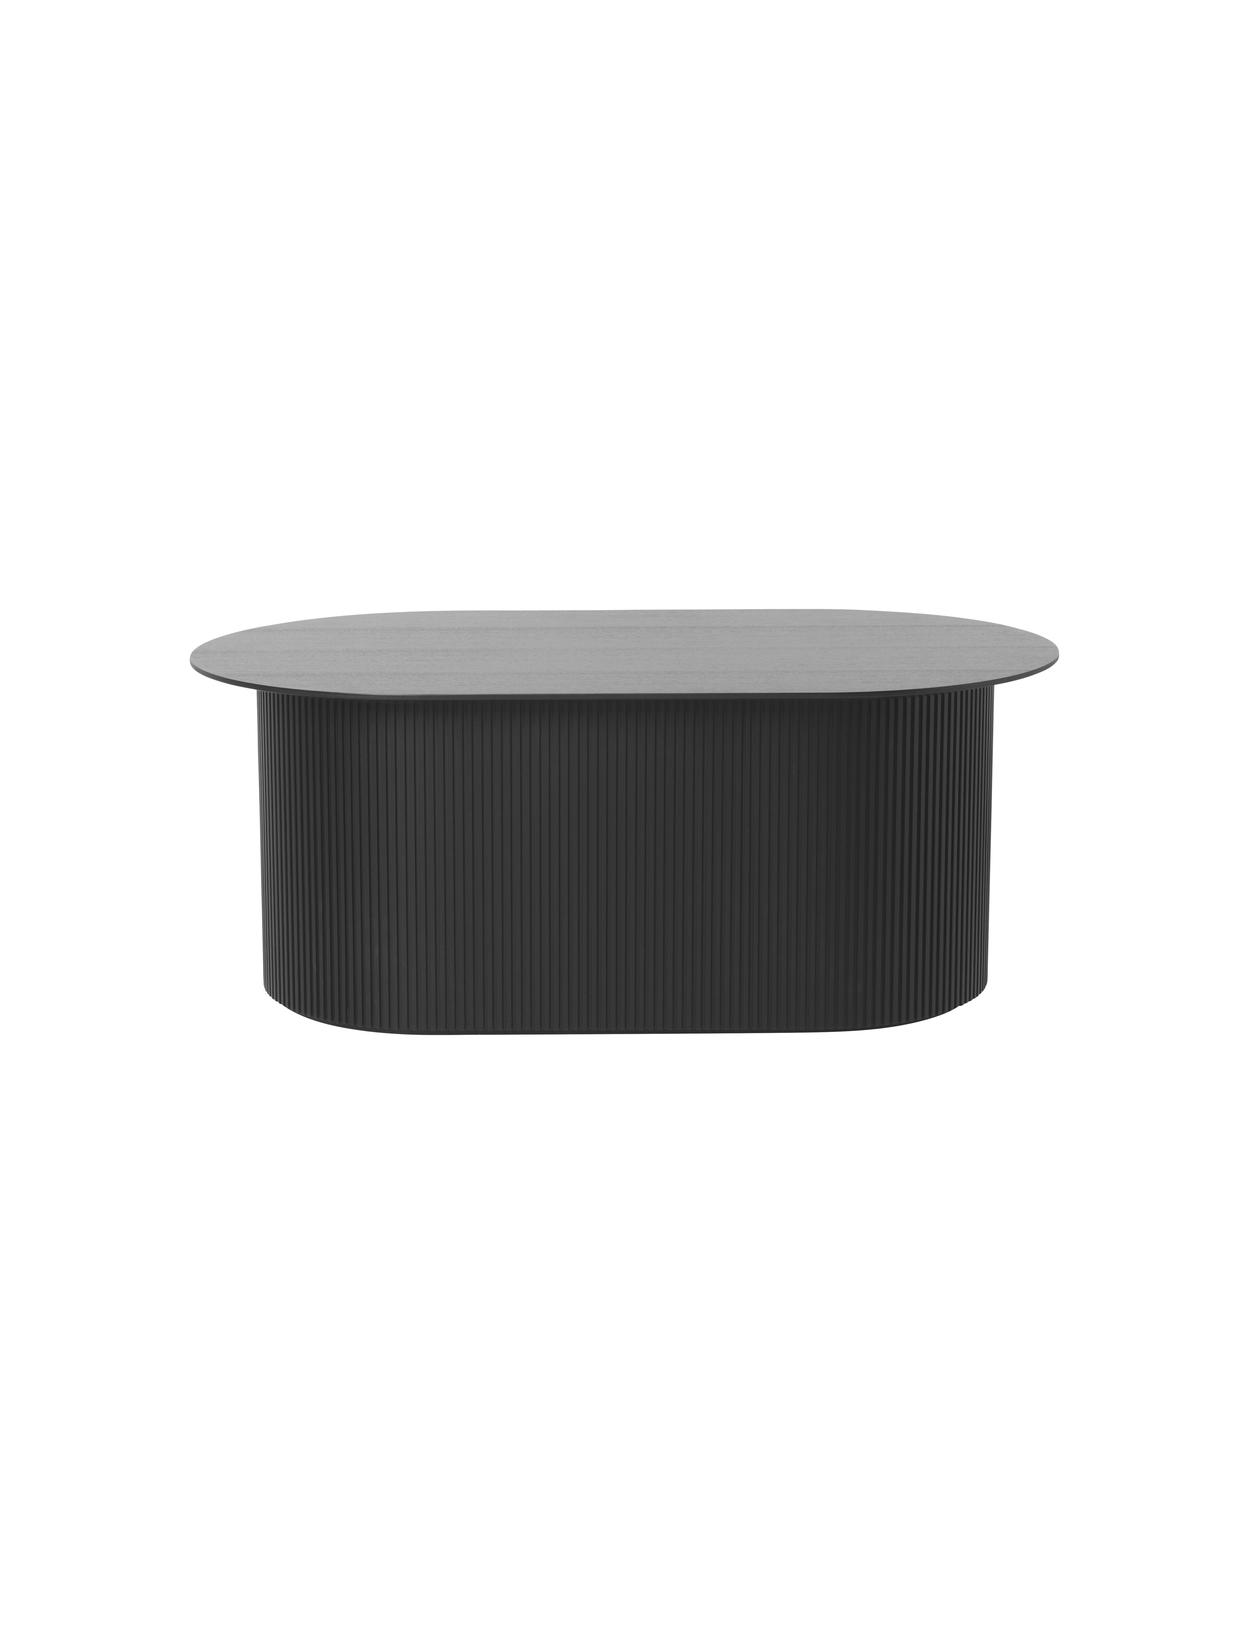 Ferm Living Podia Table Black